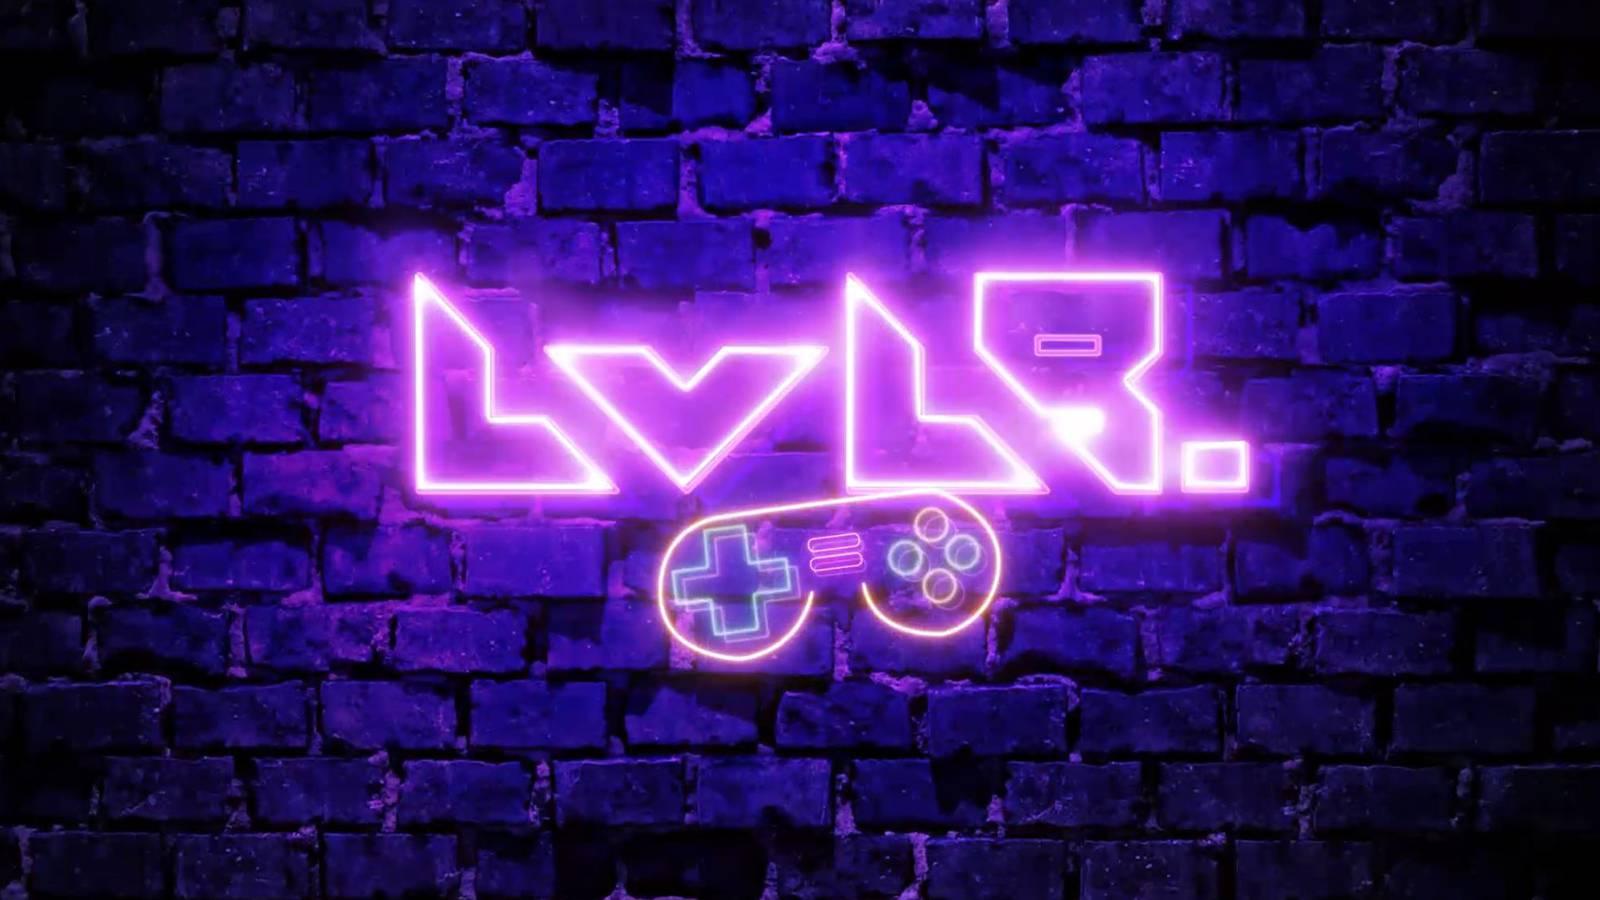 Pola godine Lvl8.-a: Sve što se dosad napravilo za naš gaming!